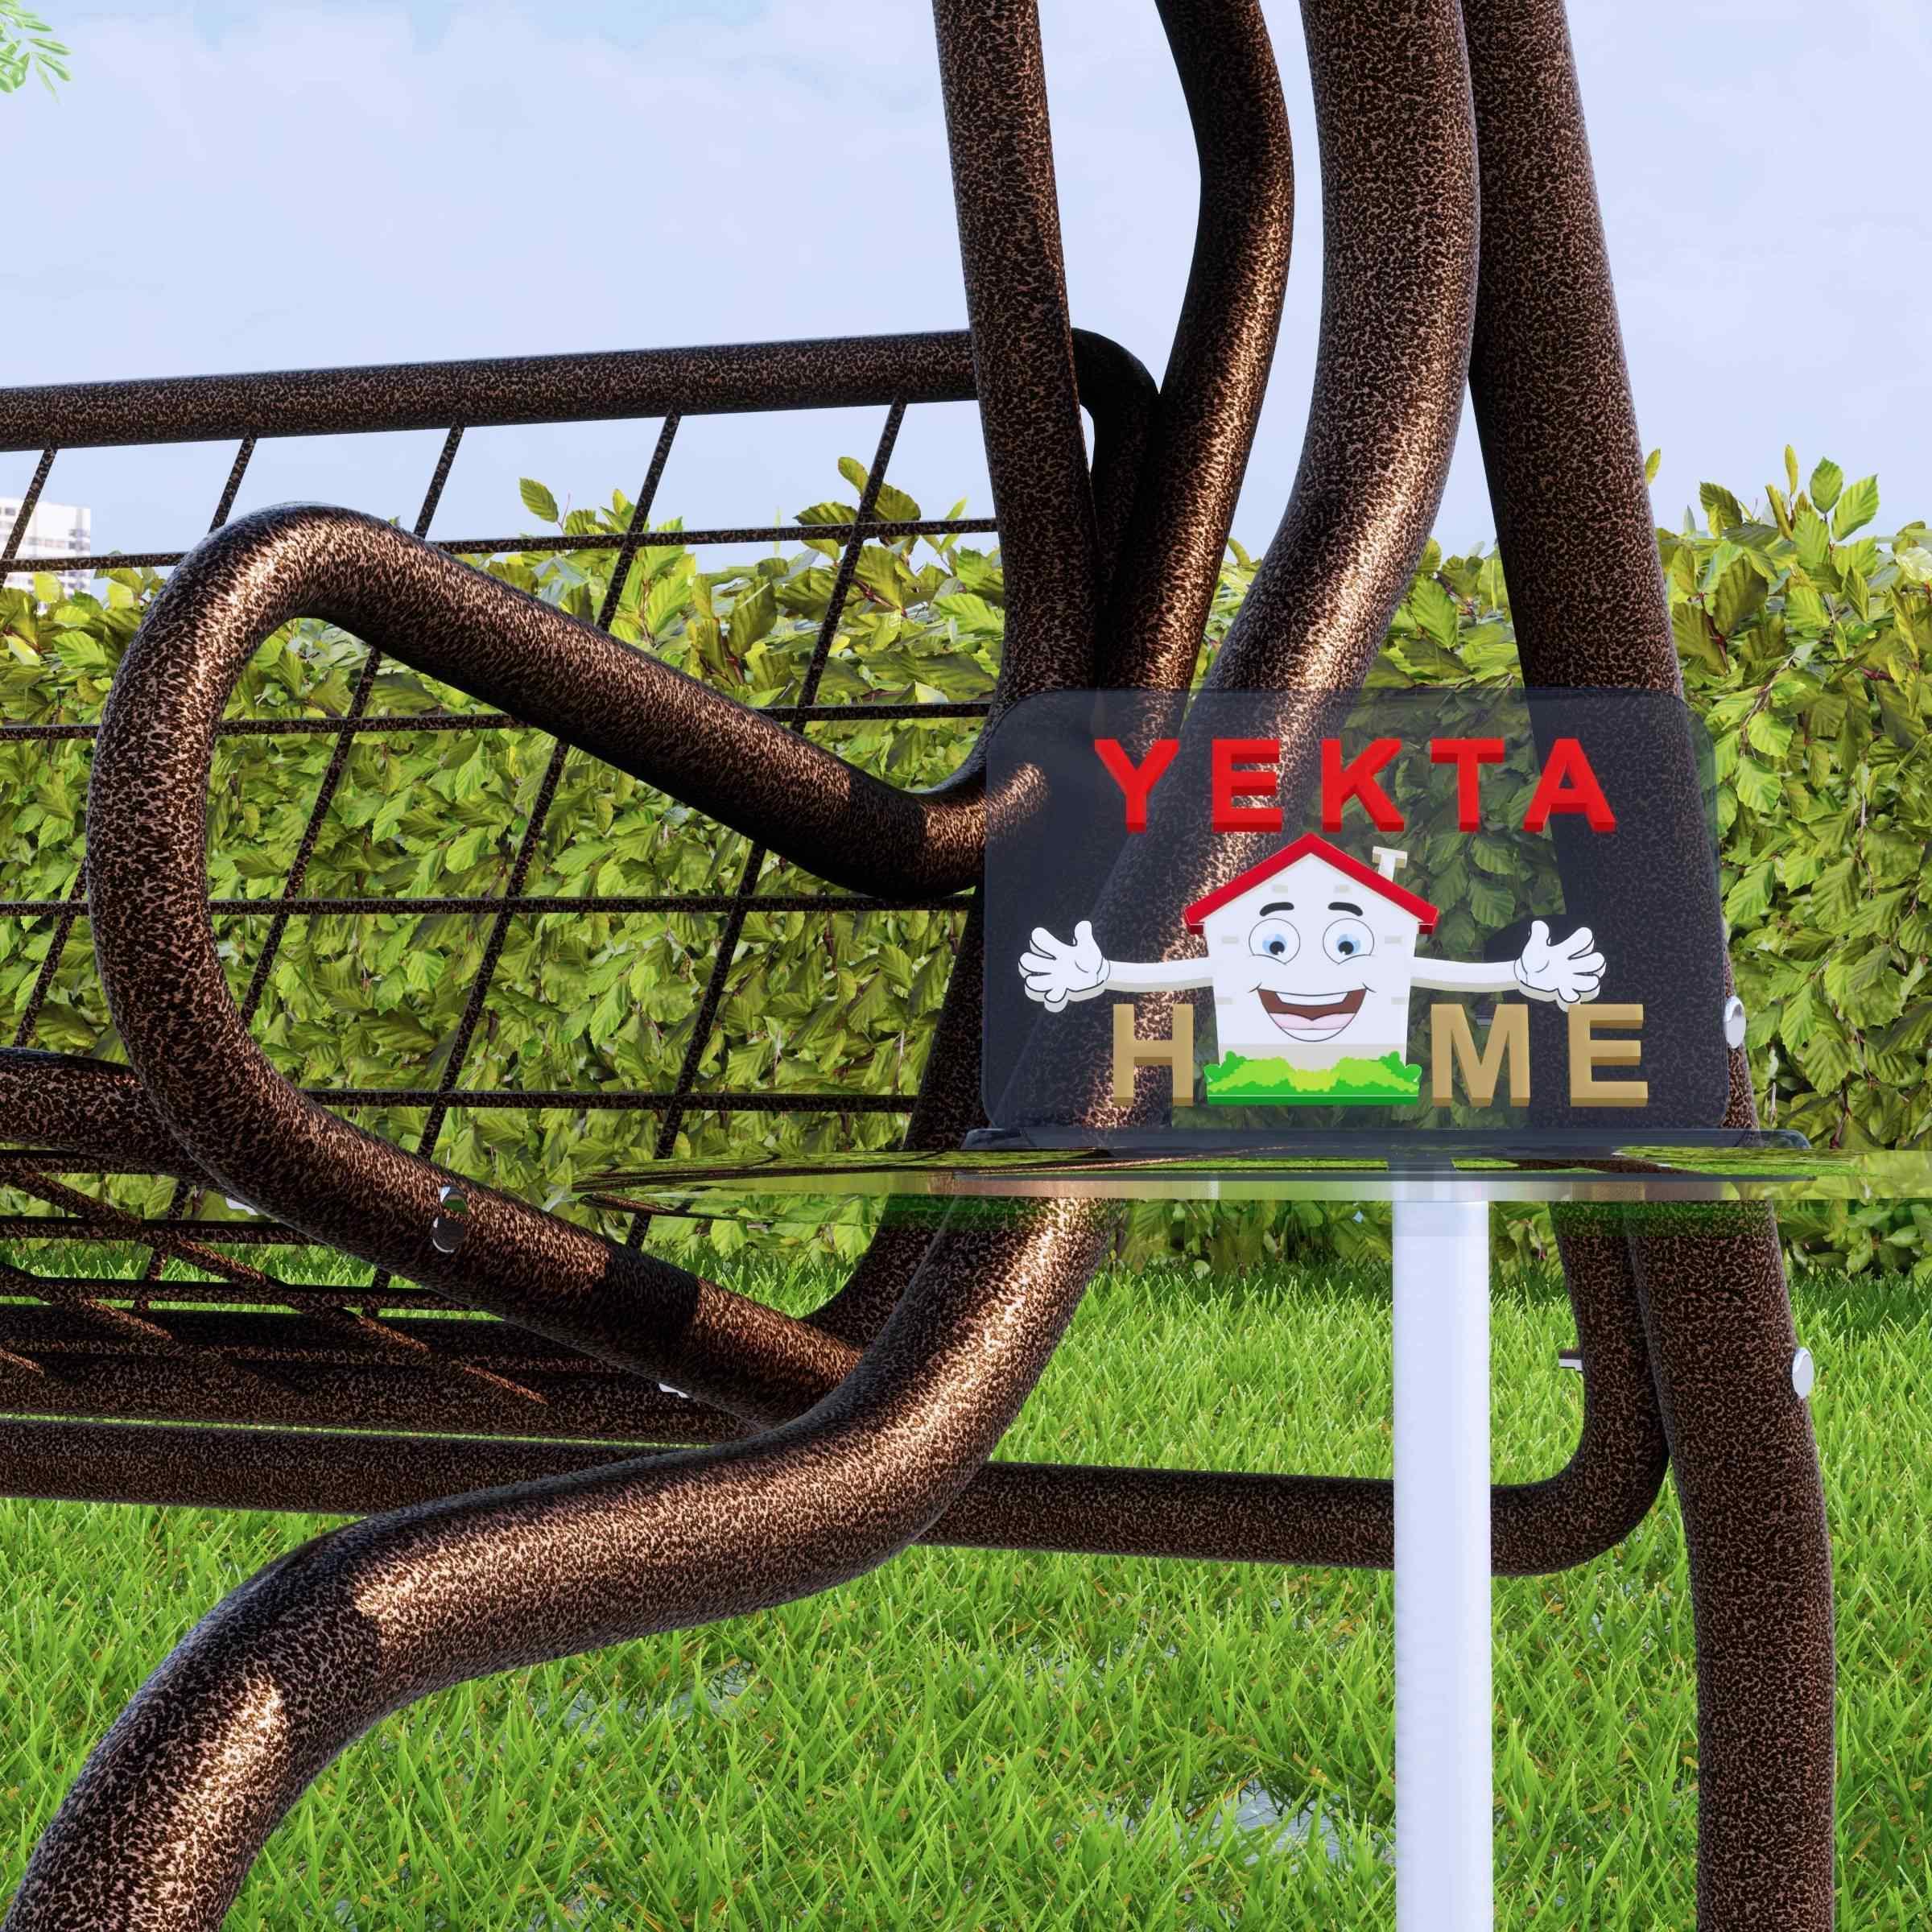 İngiliz 3 Kişilik Bahçe Salıncağı Balkon Teras Salıncak 200 cm